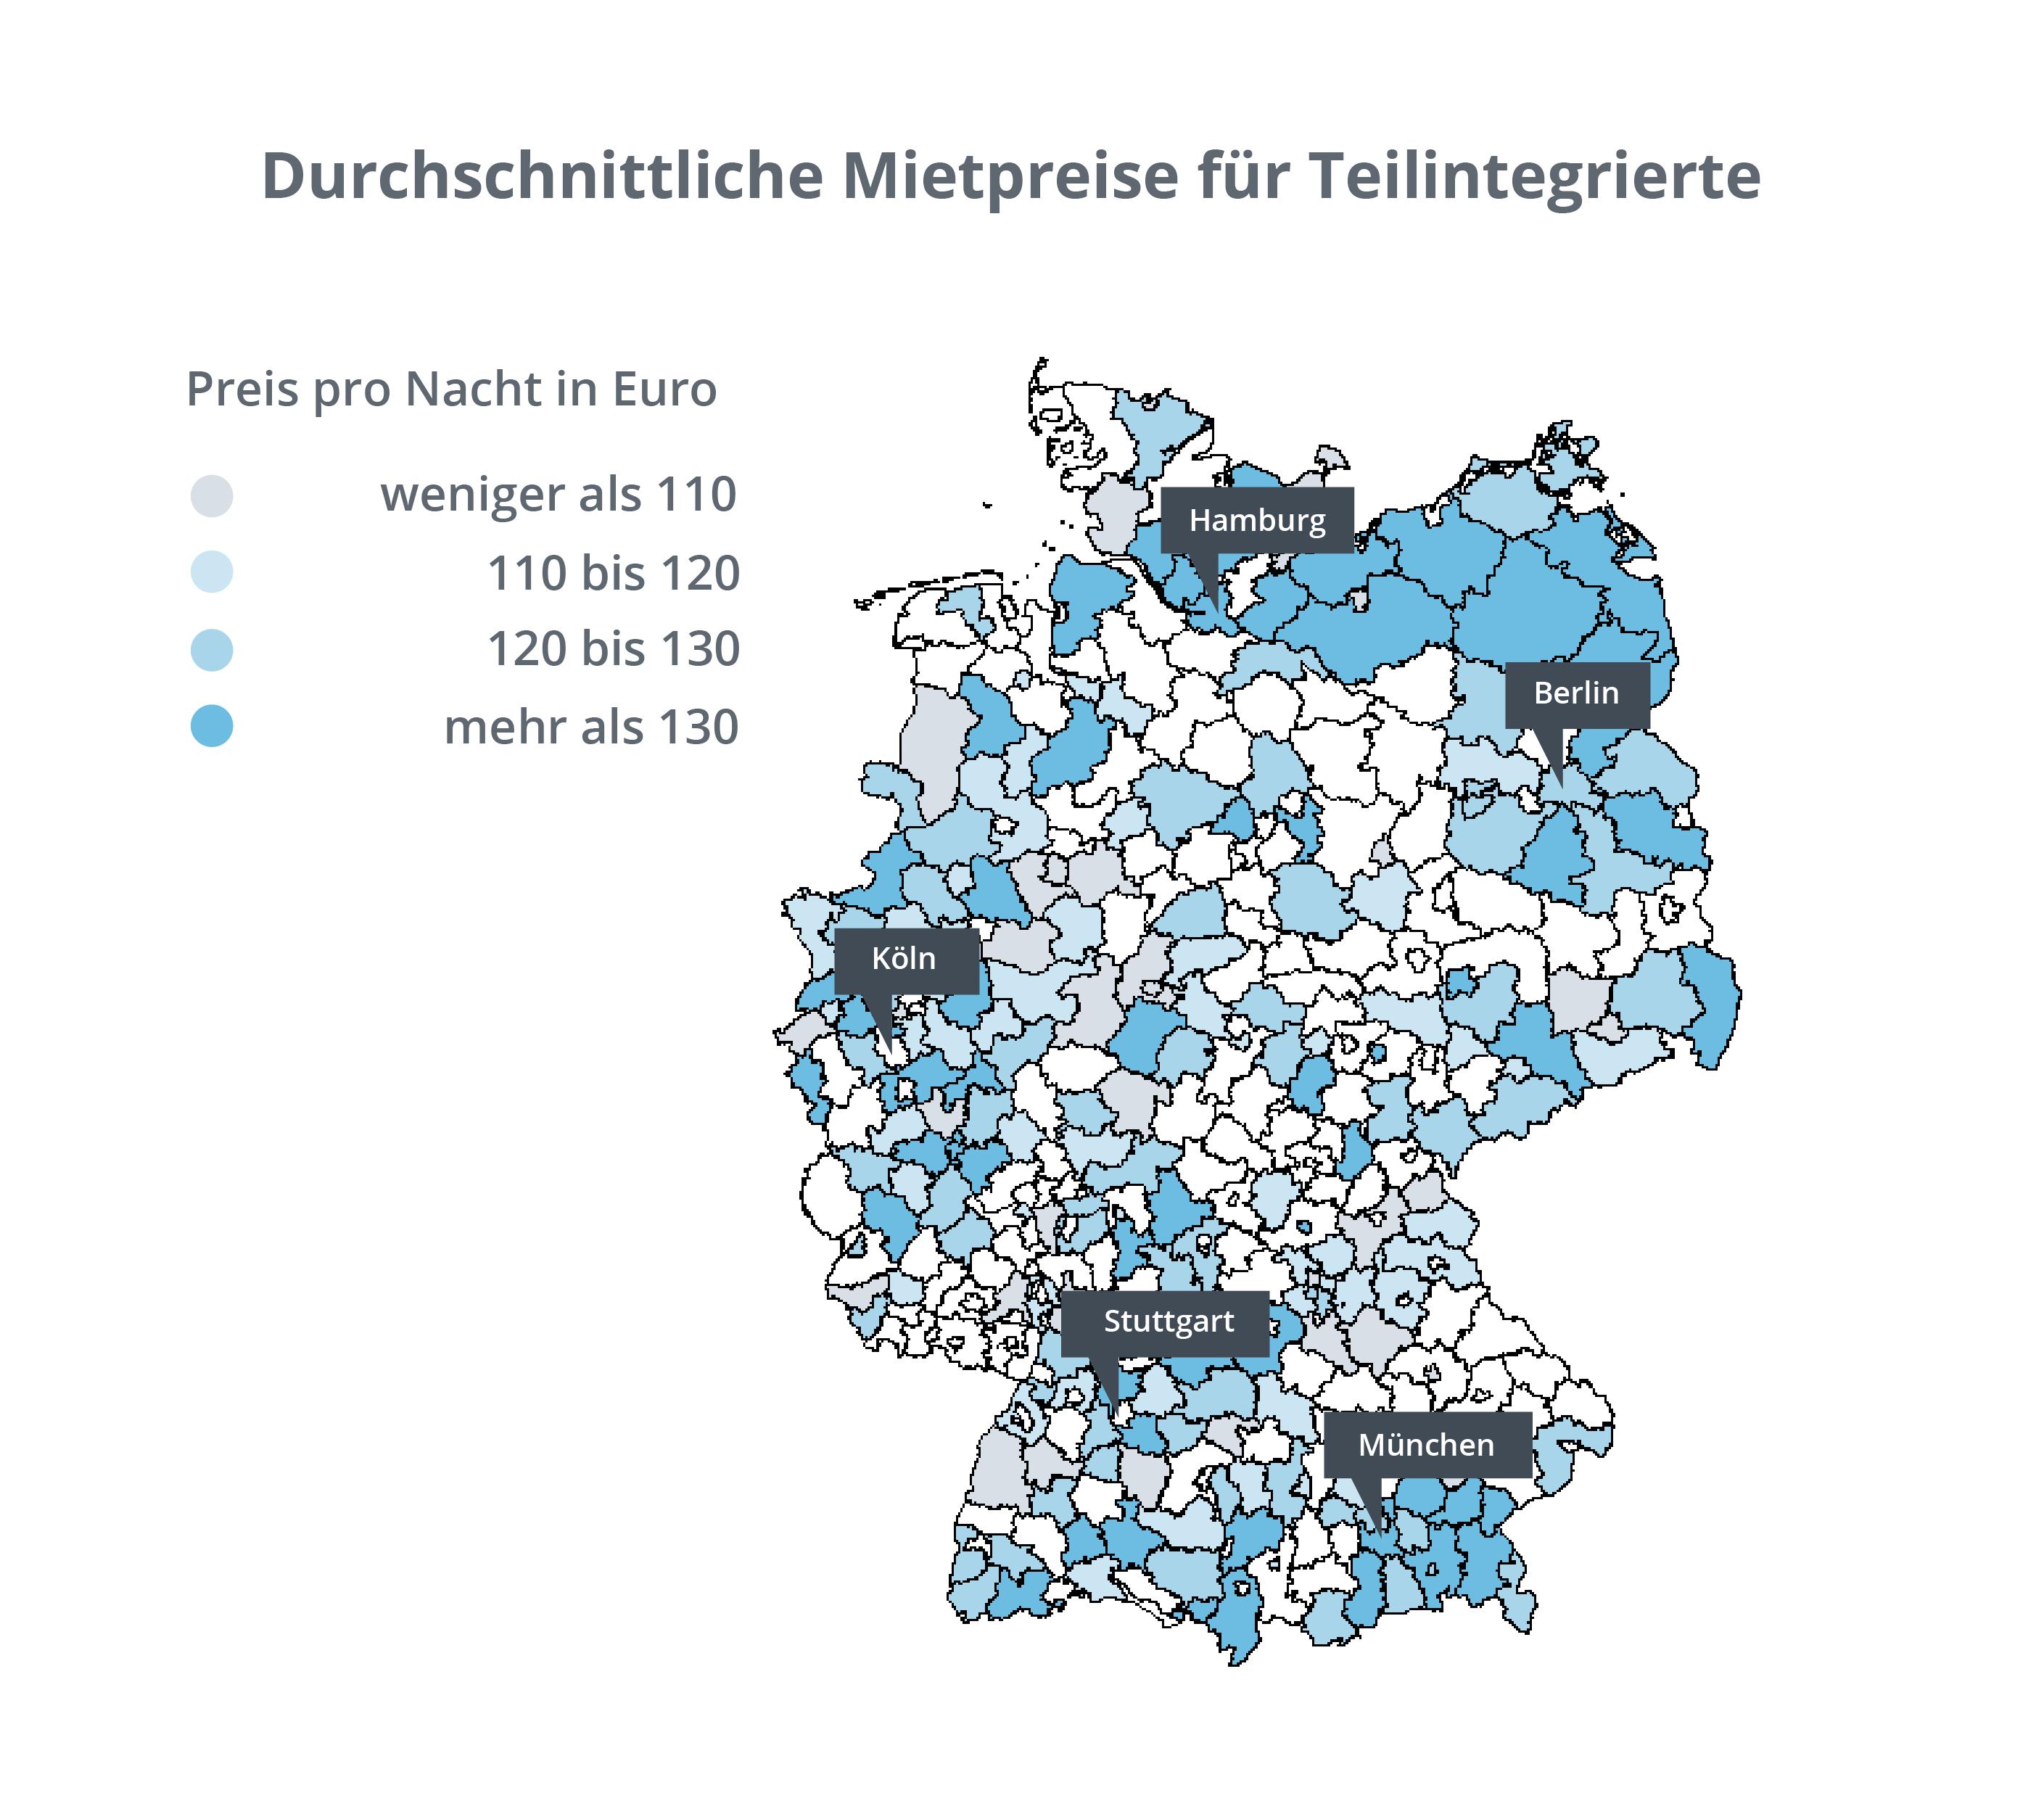 Abbildung 5.4: Karte - Mietpreise Teilintegrierte in Deutschland